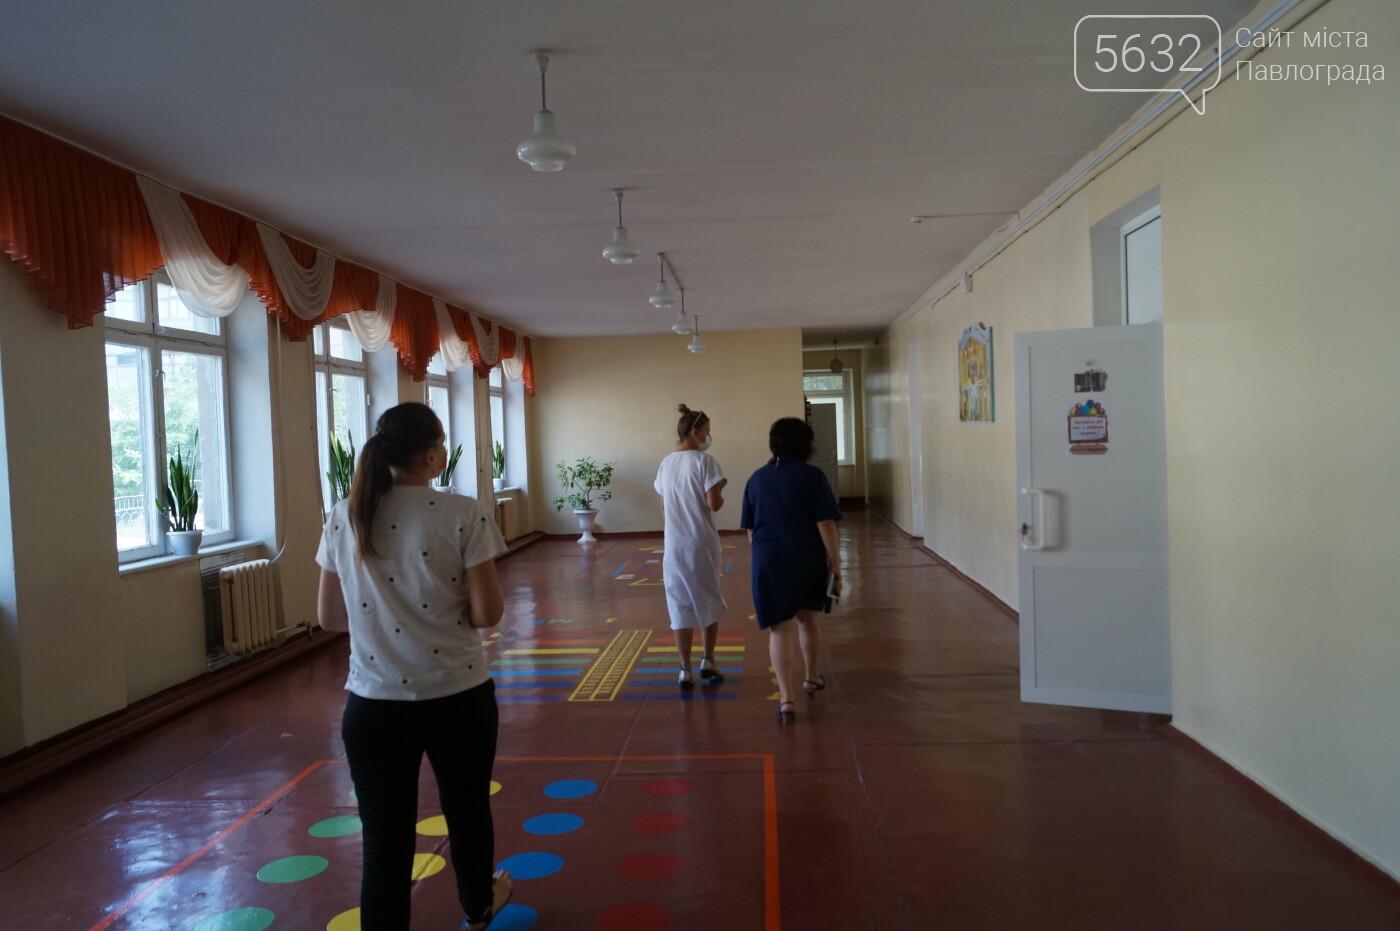 Санитайзеры и медицинские маски: как школы Павлограда готовятся к новому учебному году (ФОТО), фото-3